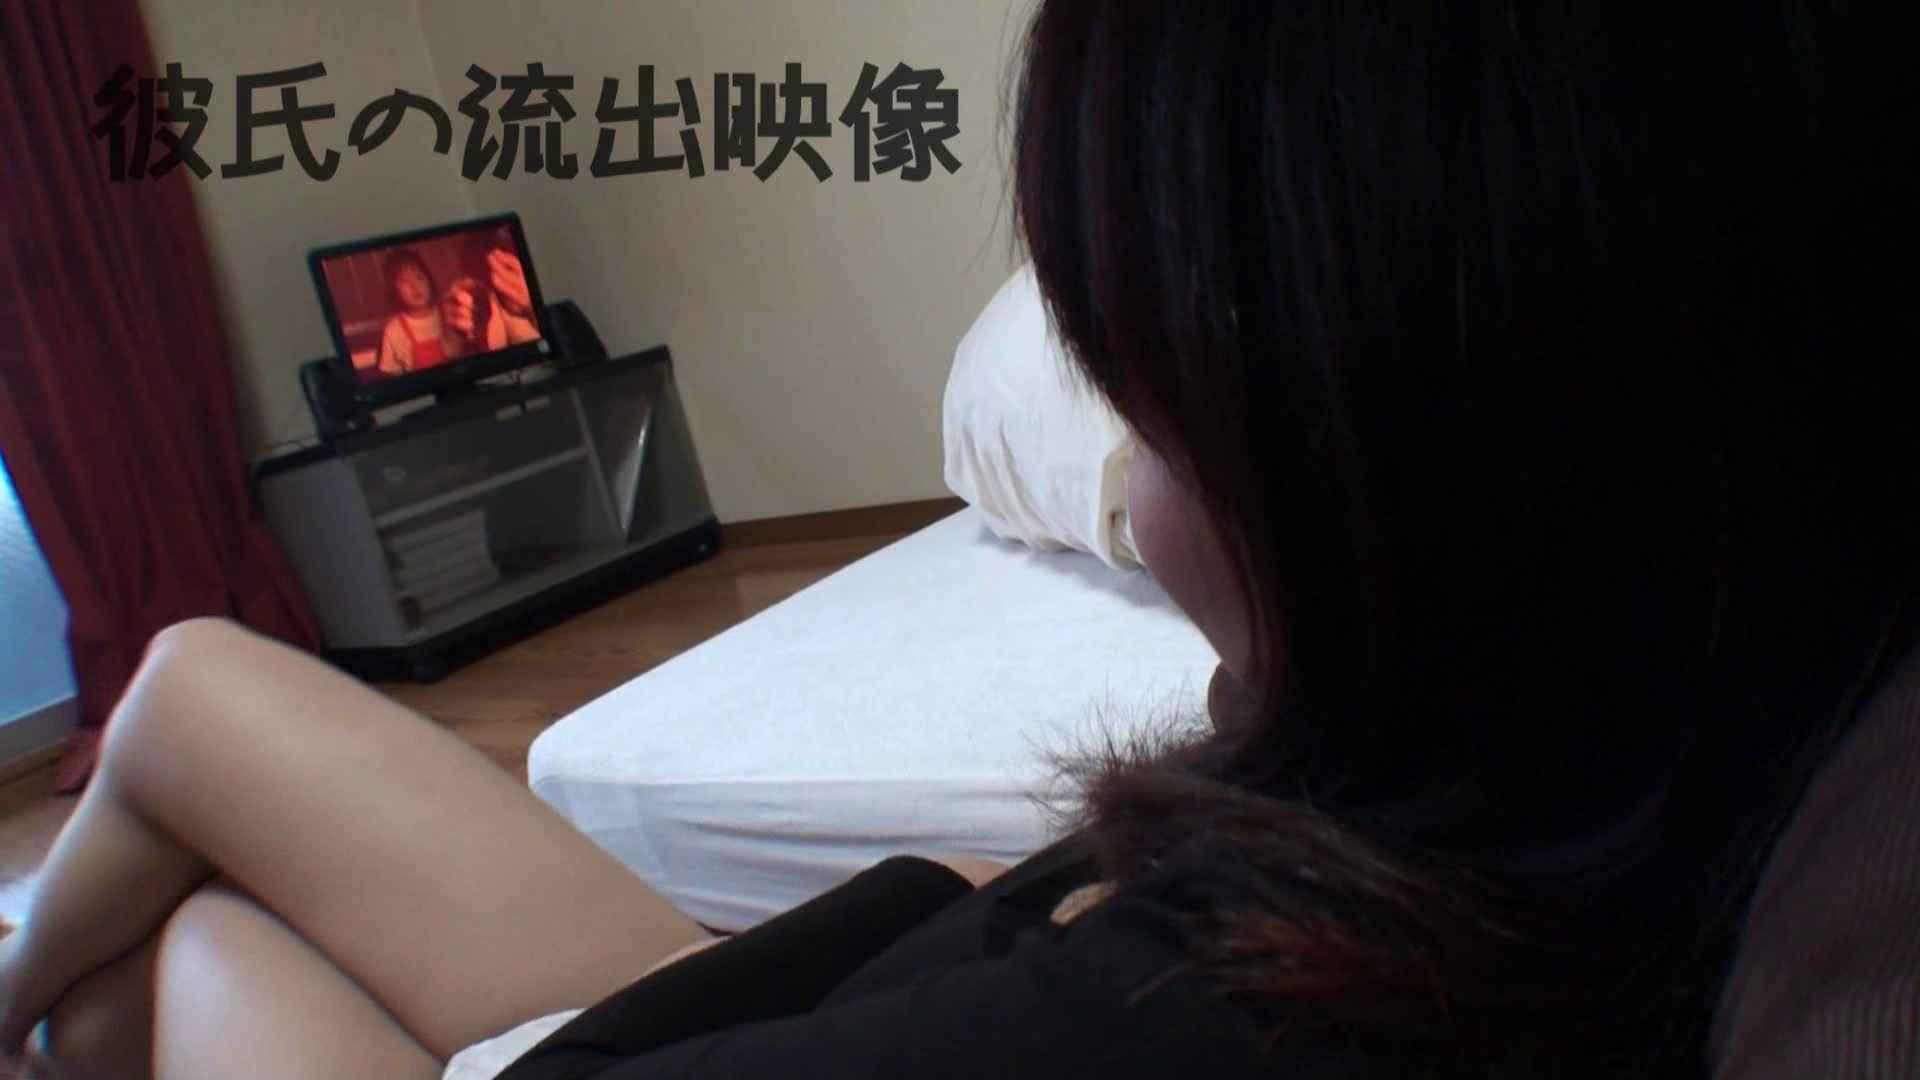 彼氏が流出 パイパン素人嬢のハメ撮り映像04 一般投稿  82連発 1